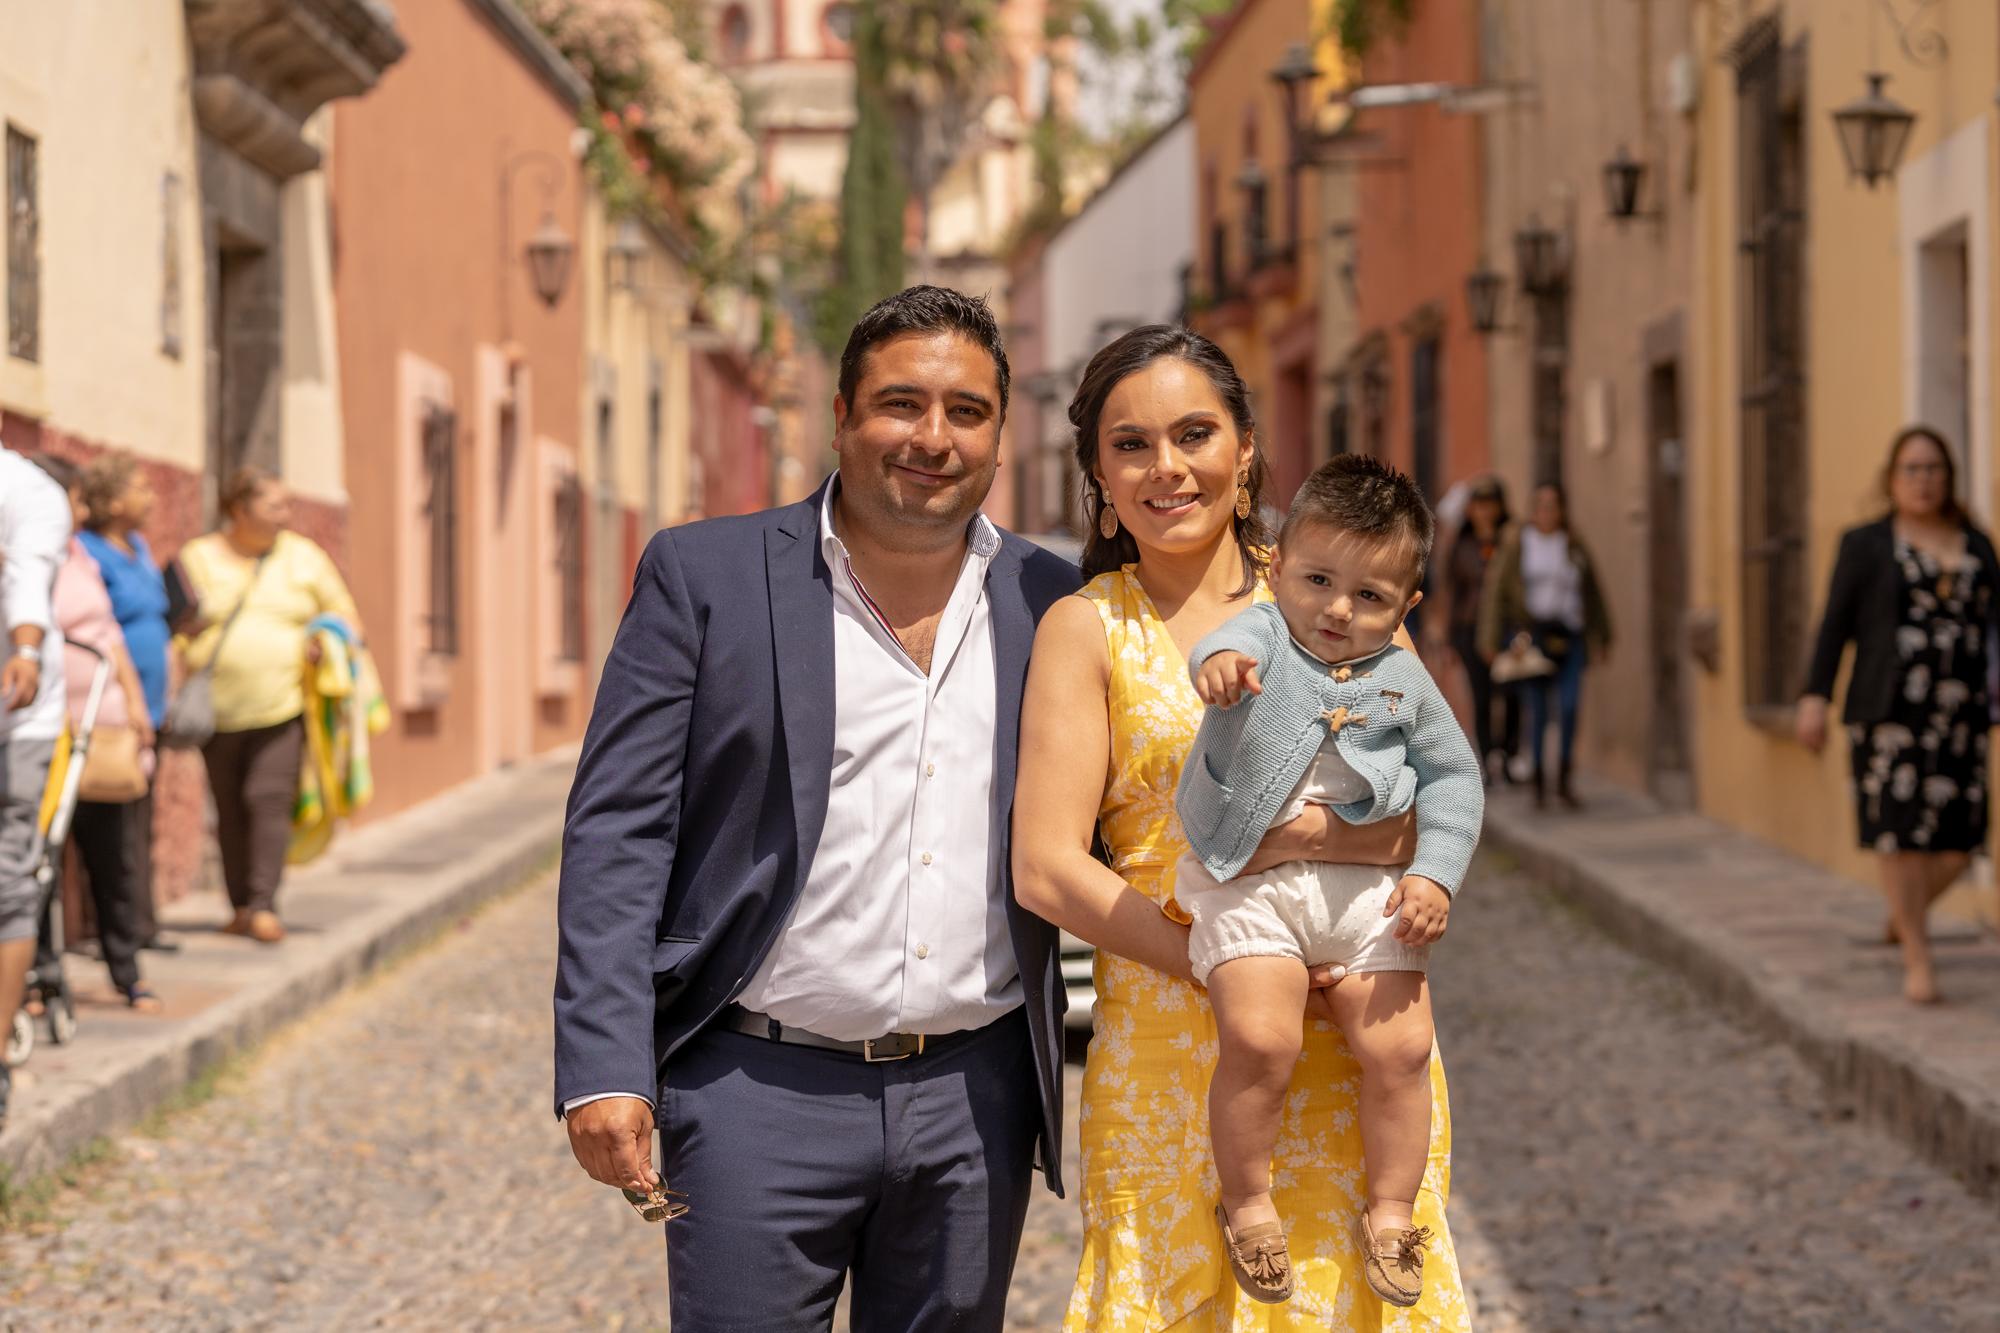 Sesion de Fotos en Rosewood San Migue de Allende del Bautizo de Alfonso-34.jpg